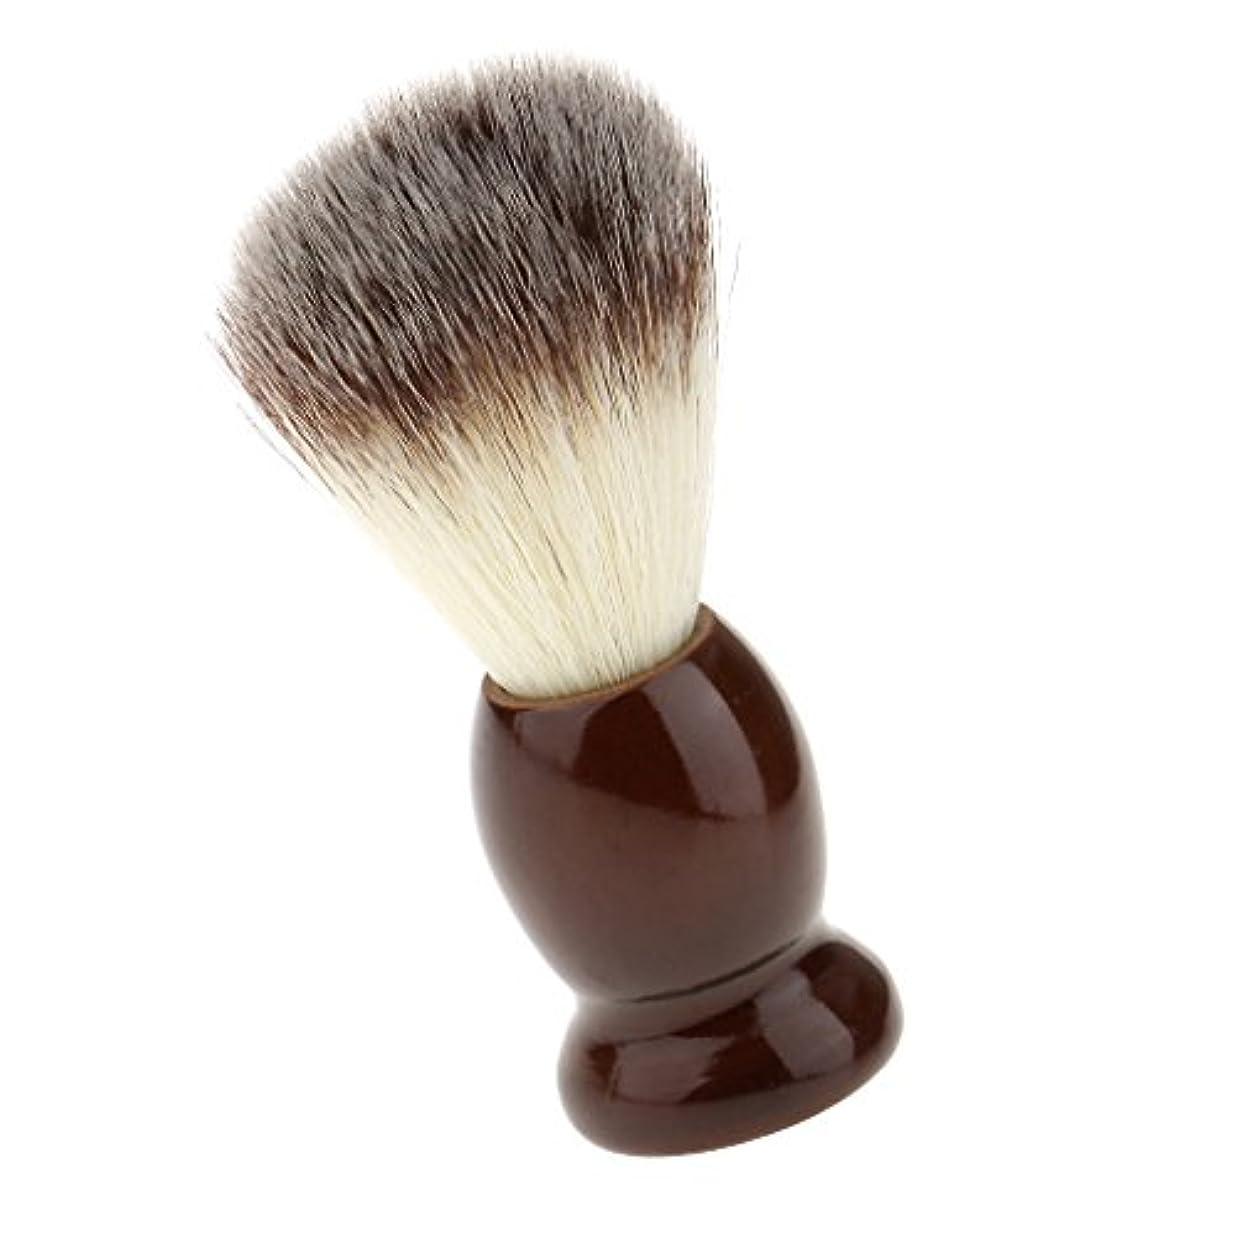 捧げるヘビ盲信SONONIA ナイロン製 シェービングブラシ サロン 柔らかい 髭剃り 洗顔 理容   便携 10.5cm  ブラウン